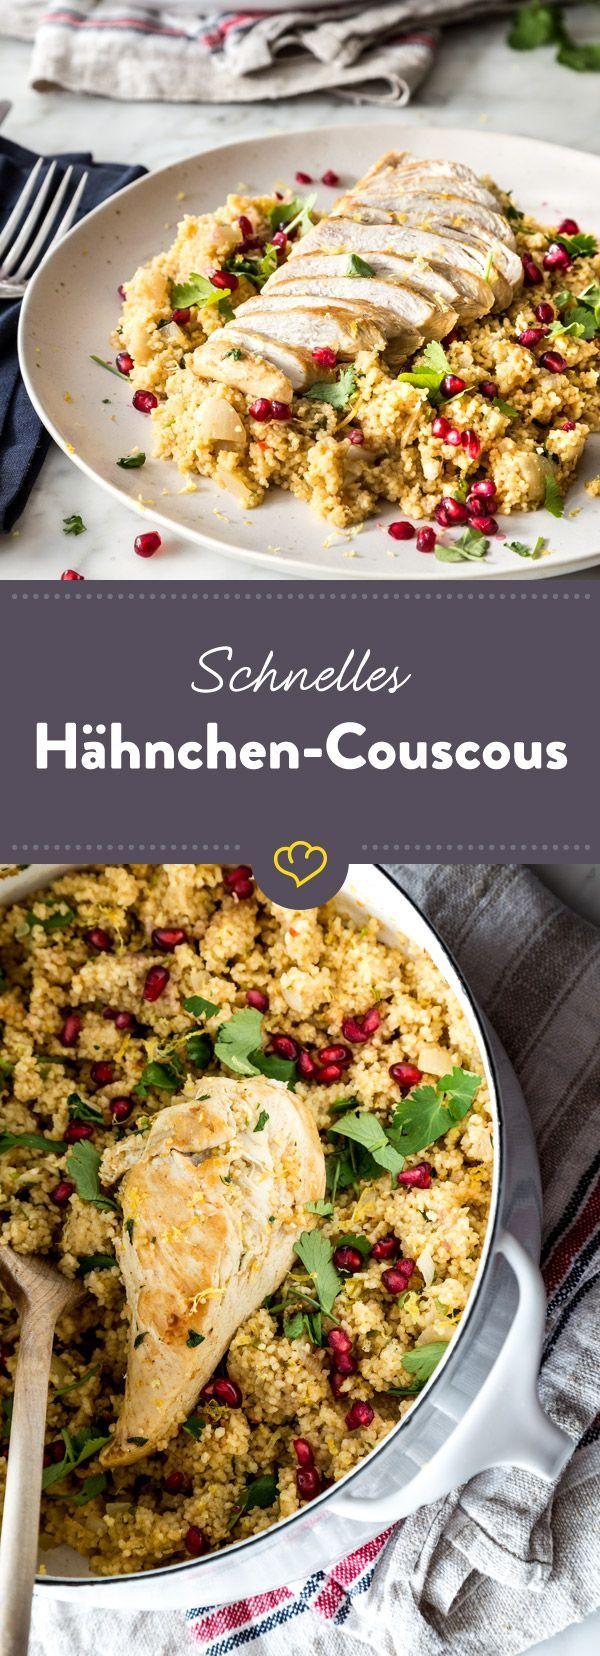 Fix das Hähnchen angebraten, Brühe drüber den, Couscous ziehen lassen. Alles in allem bist du in maximal 35 Minuten fertig.